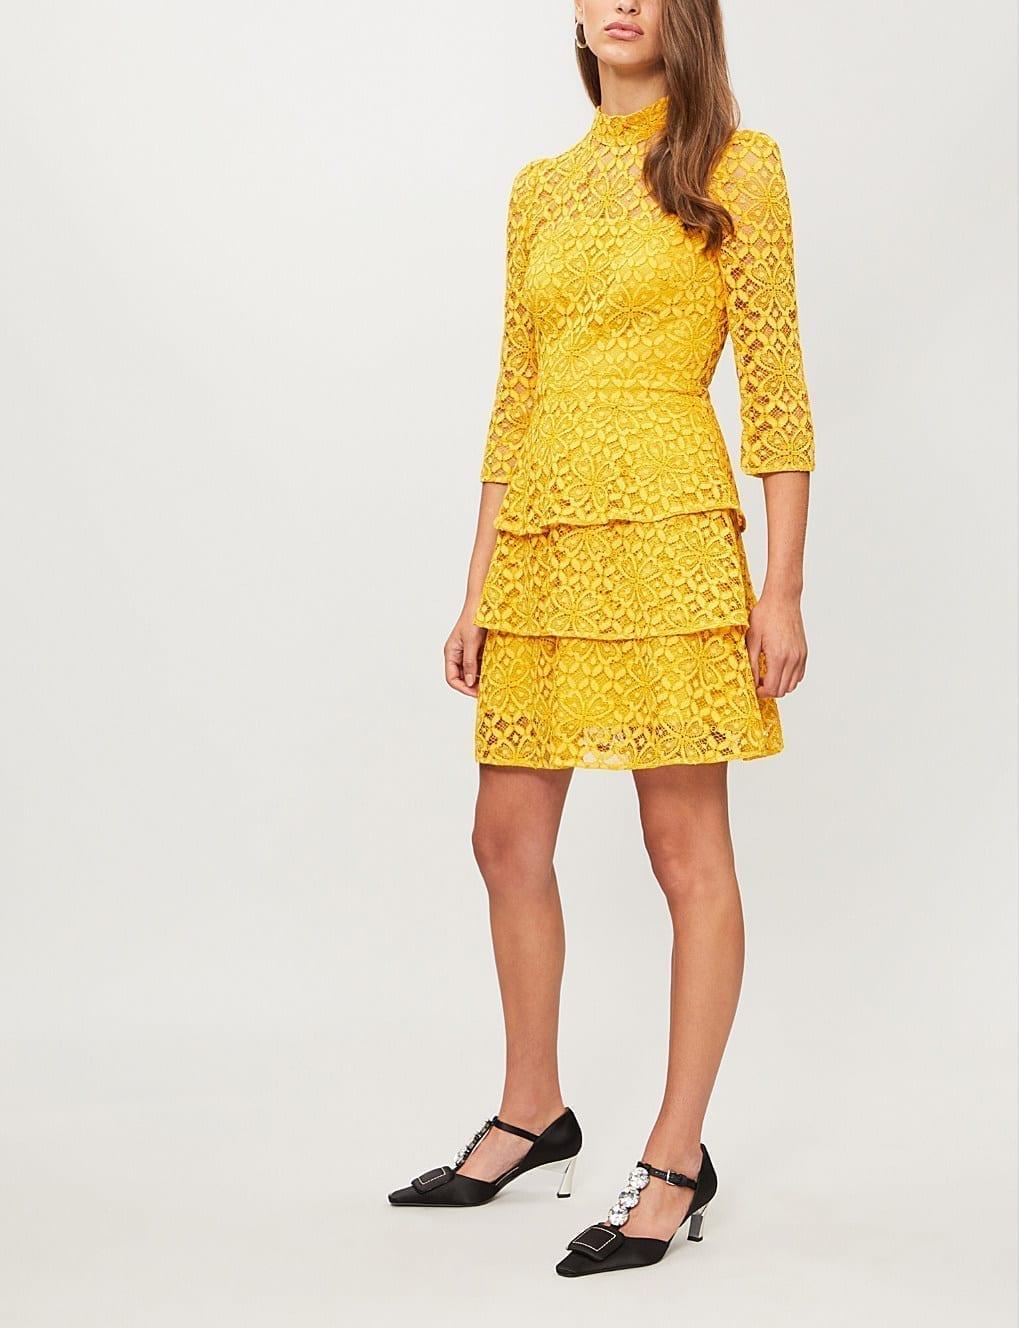 c768ddc8a1d2 CLAUDIE PIERLOT High-neck Floral Lace Yellow Dress - We Select Dresses